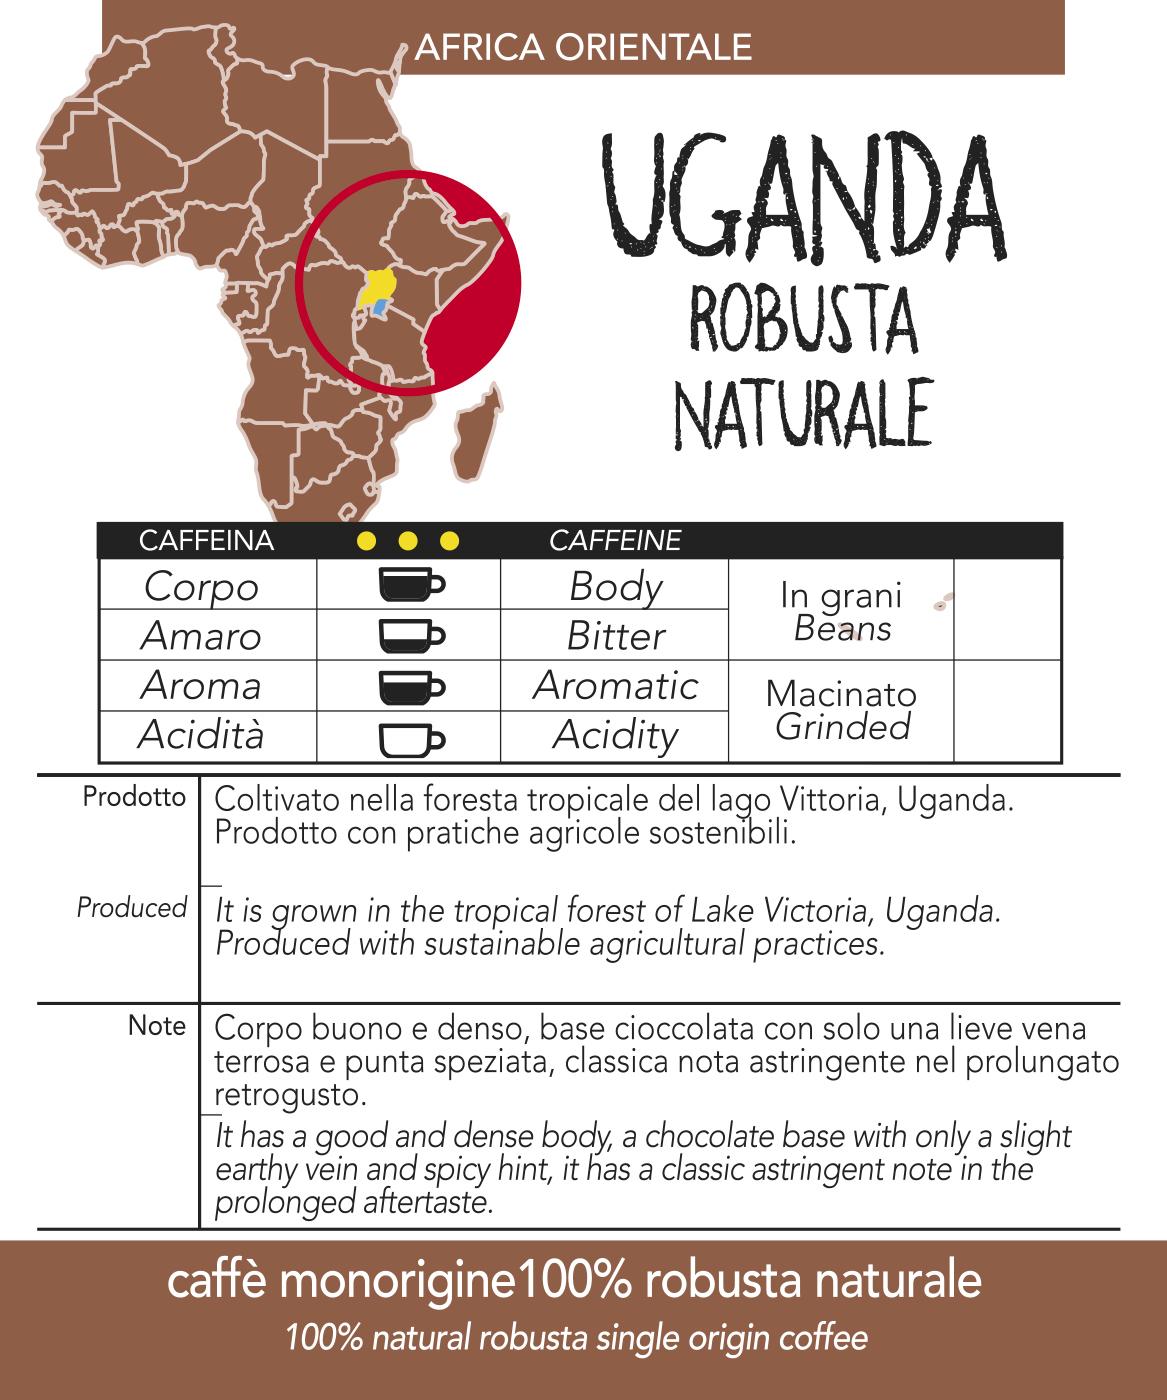 Caffè monorigine in cialda Uganda Naturale, confezioni da n. 50 o 200 cialde in carta ese 44 mm